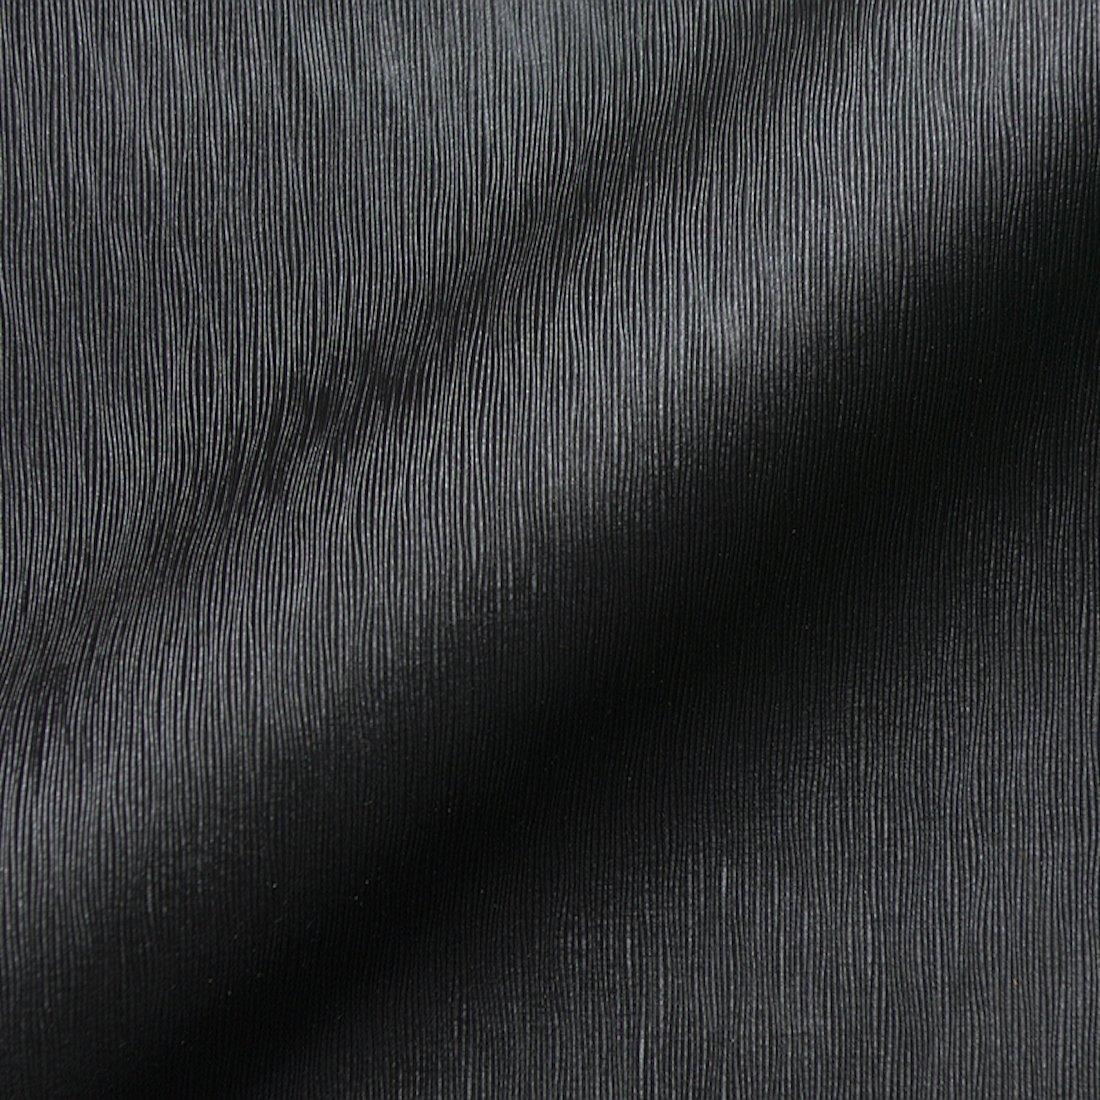 Stoff Polsterstoff Möbelstoff Bezugsstoff Meterware für Stühle, Eckbänke, etc. - Jamaika Schwarz Uni - MUSTER Eckbänke MiBiento Living